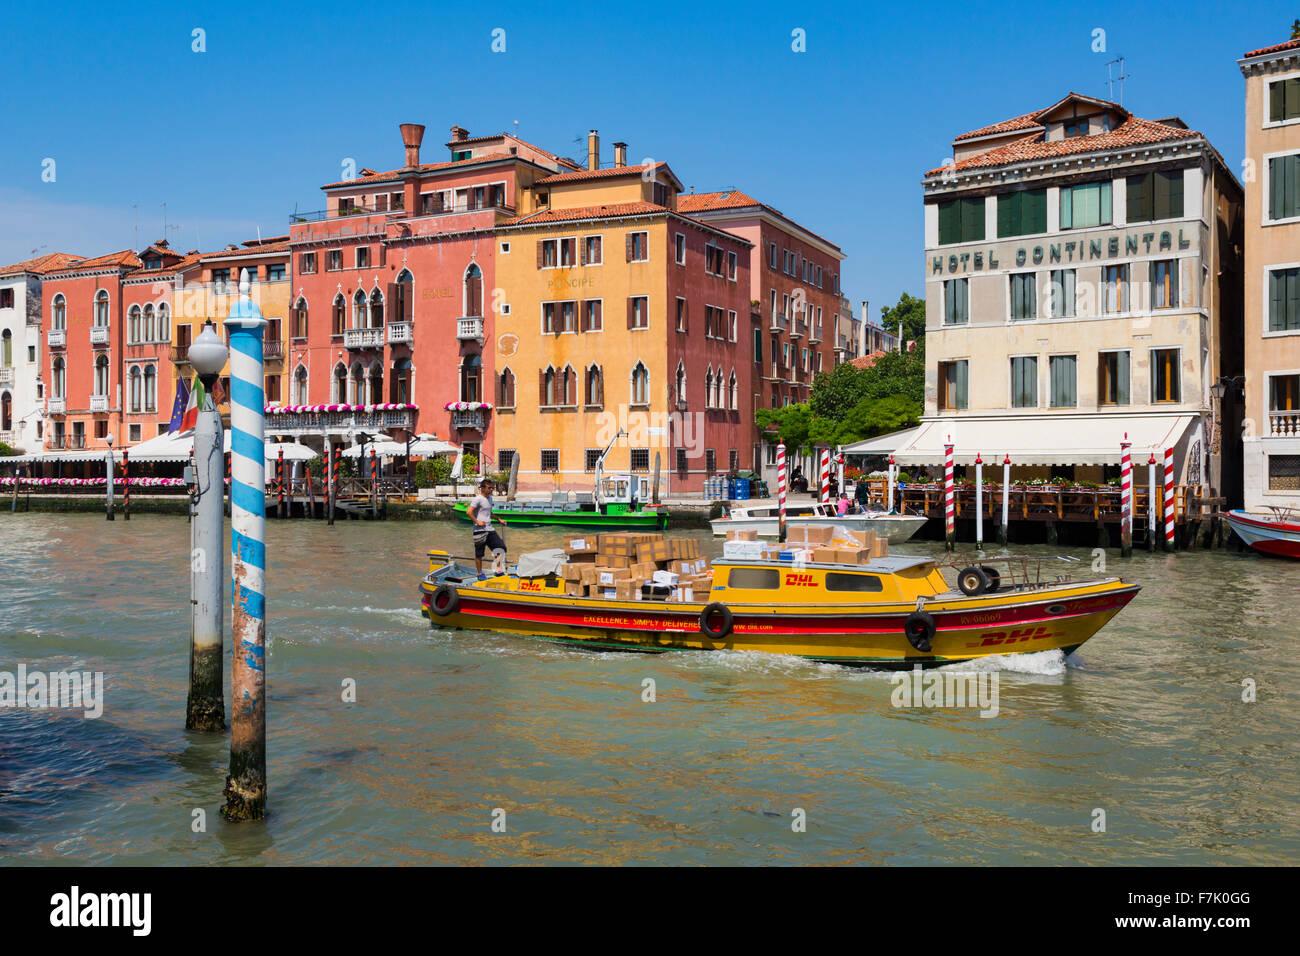 Venise, Italie. Un bateau chargé de courrier DHL pour la livraison des paquets avec des moteurs, le long du Photo Stock